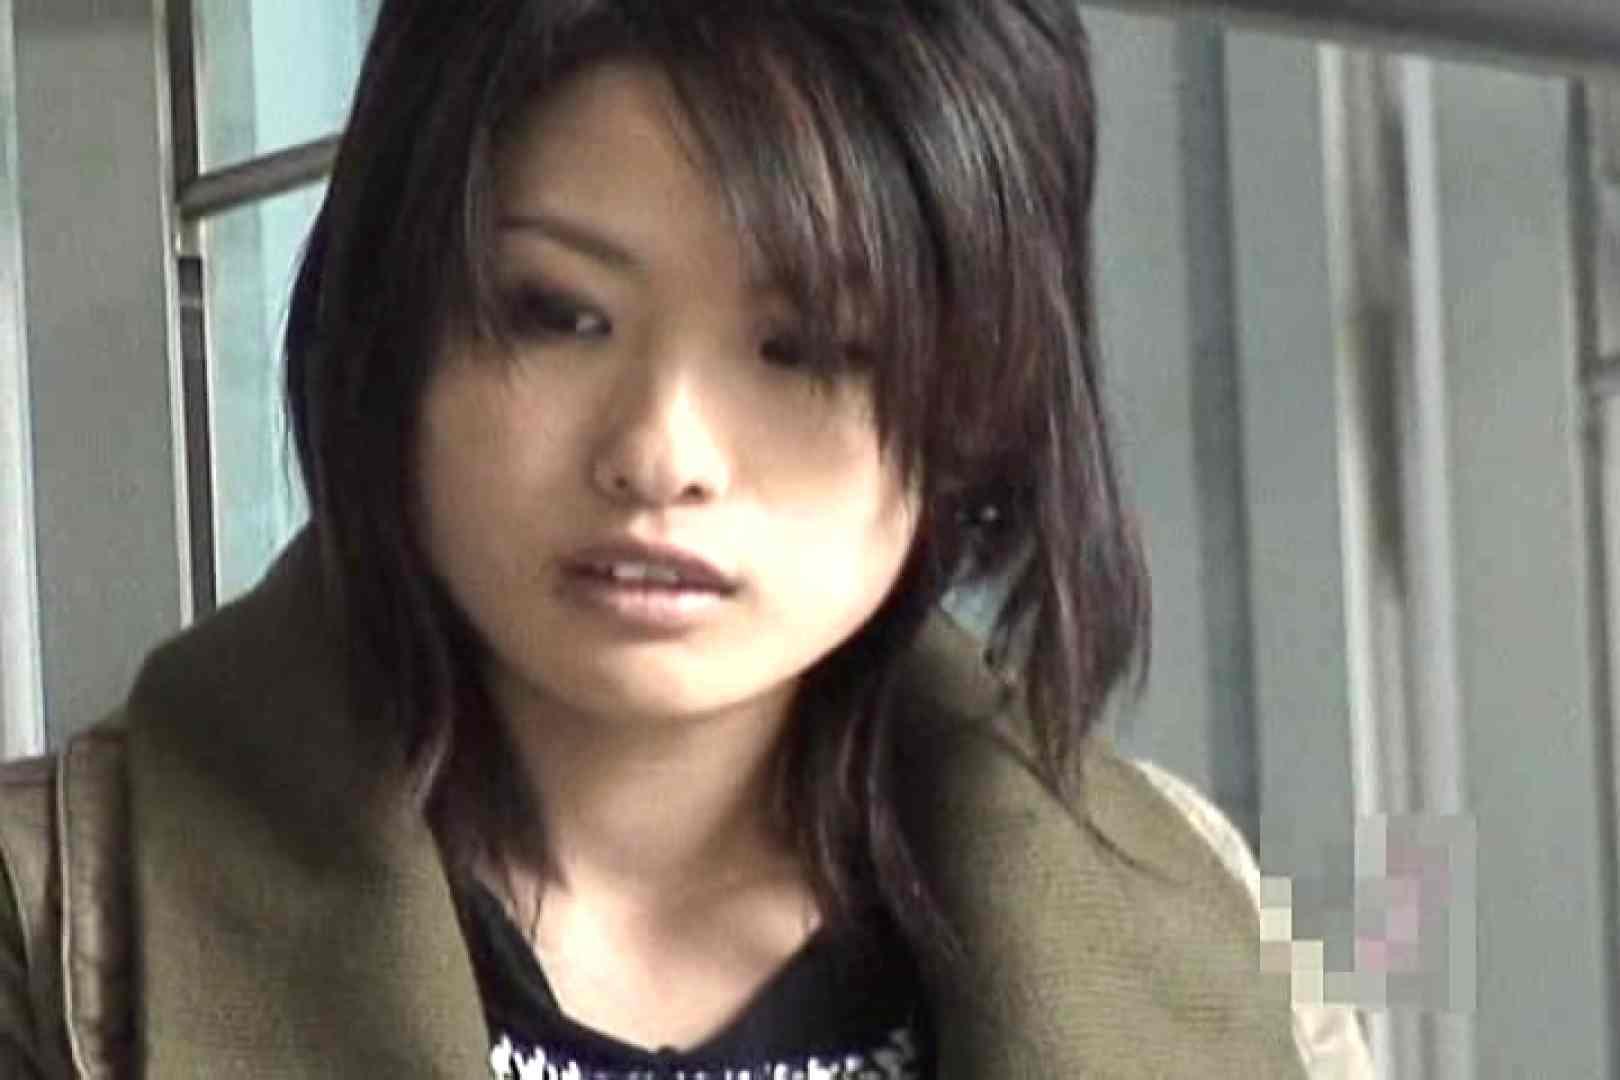 マンチラインパクトVol.2 S級美女ギャル  80画像 72